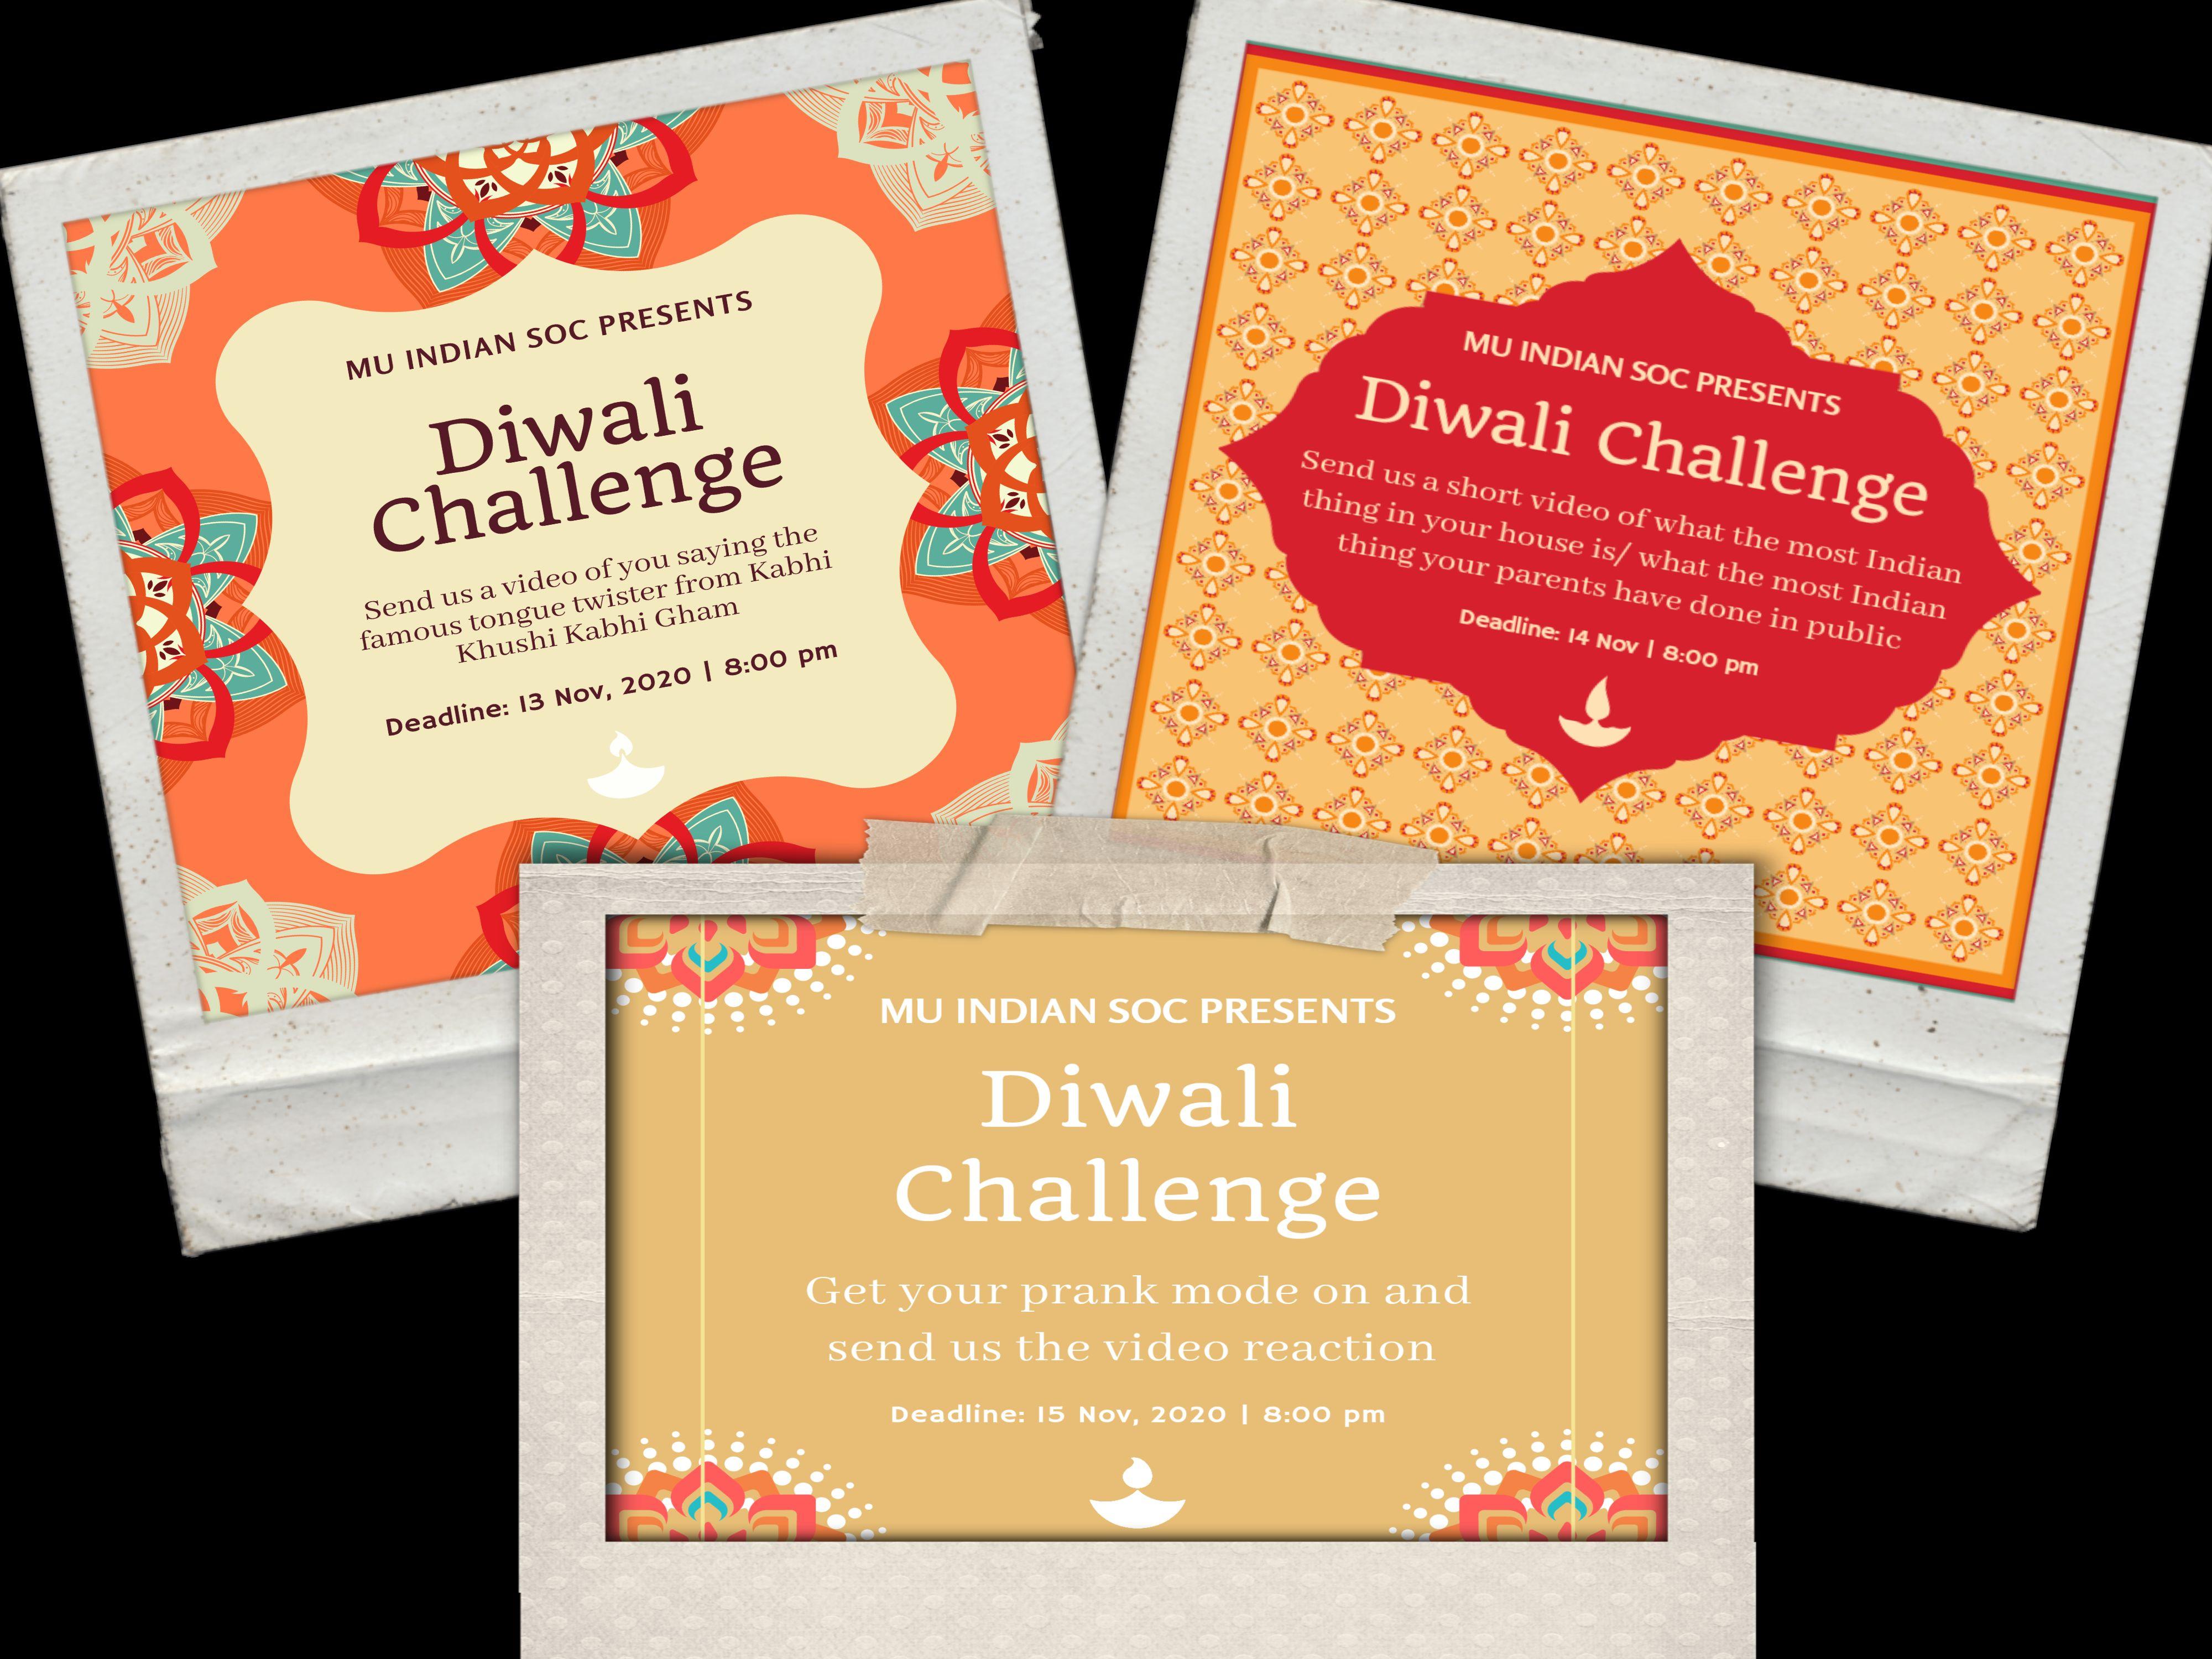 Diwali Weekend Challenges